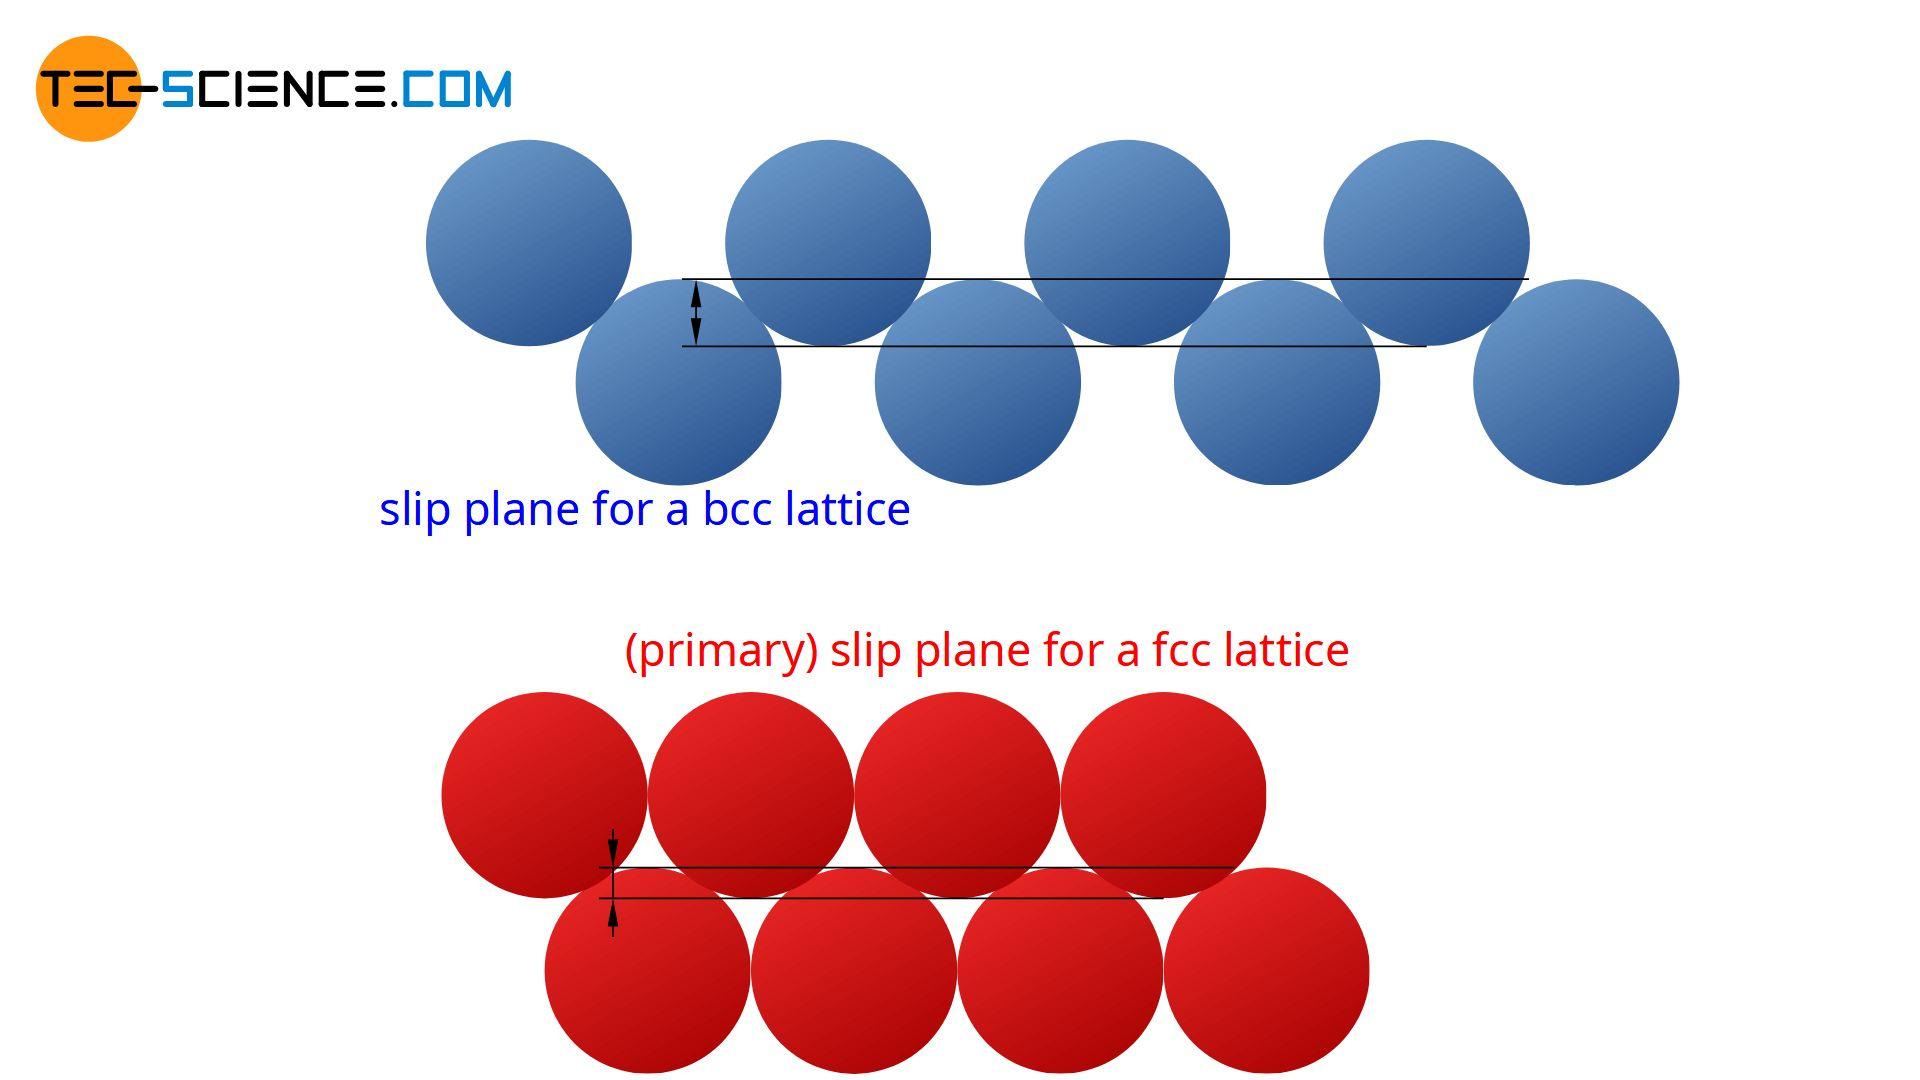 Comparison of the slip planes in the bcc and fcc lattice